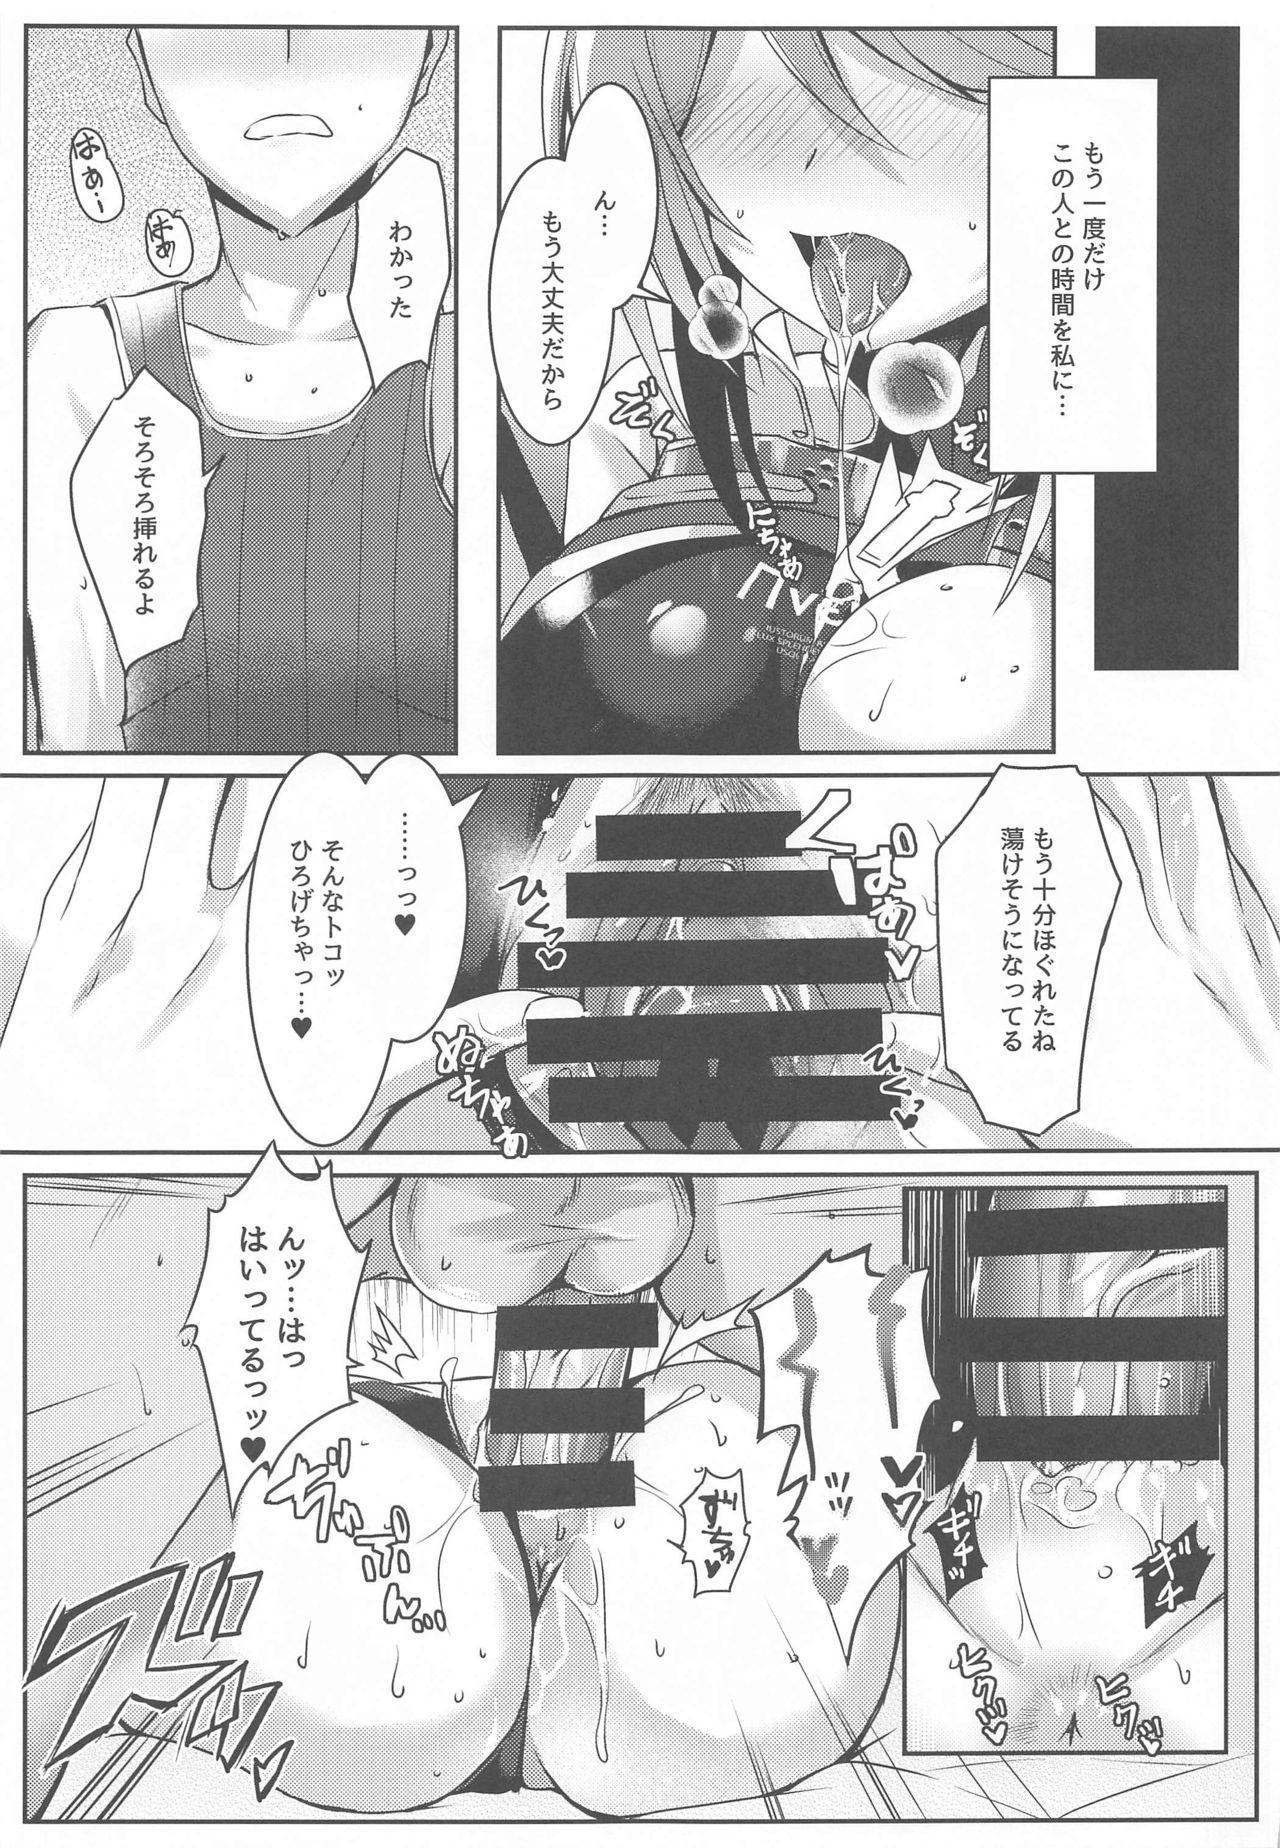 Pneuma-chan no Ecchi Hon 9